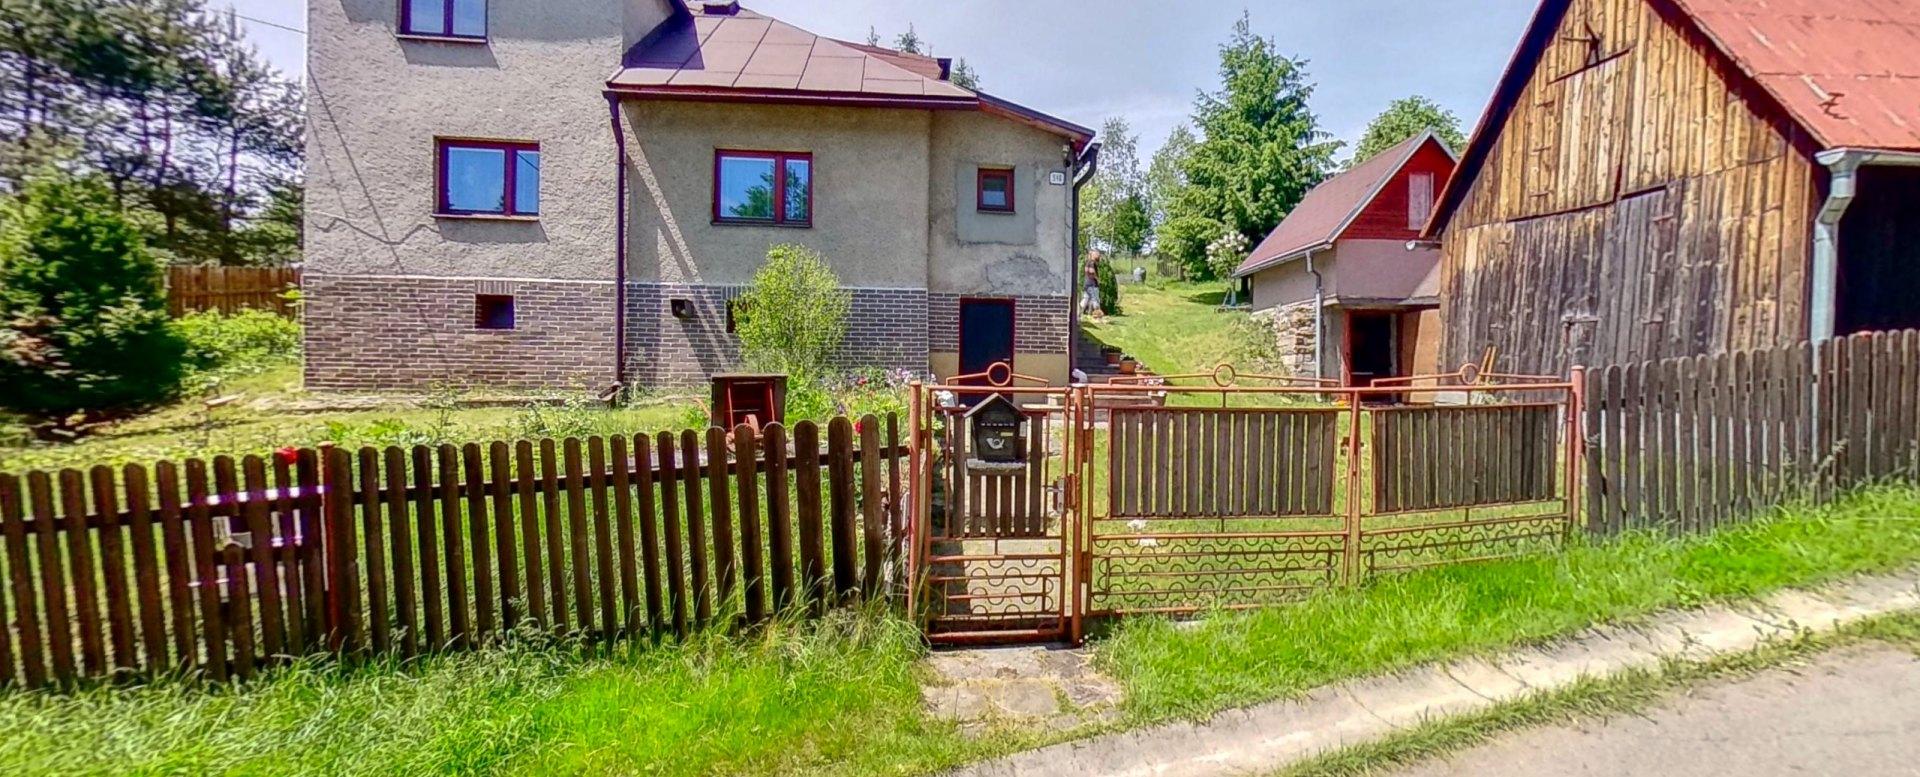 Rodinný dom, Svrčinovec 546, okres Čadca